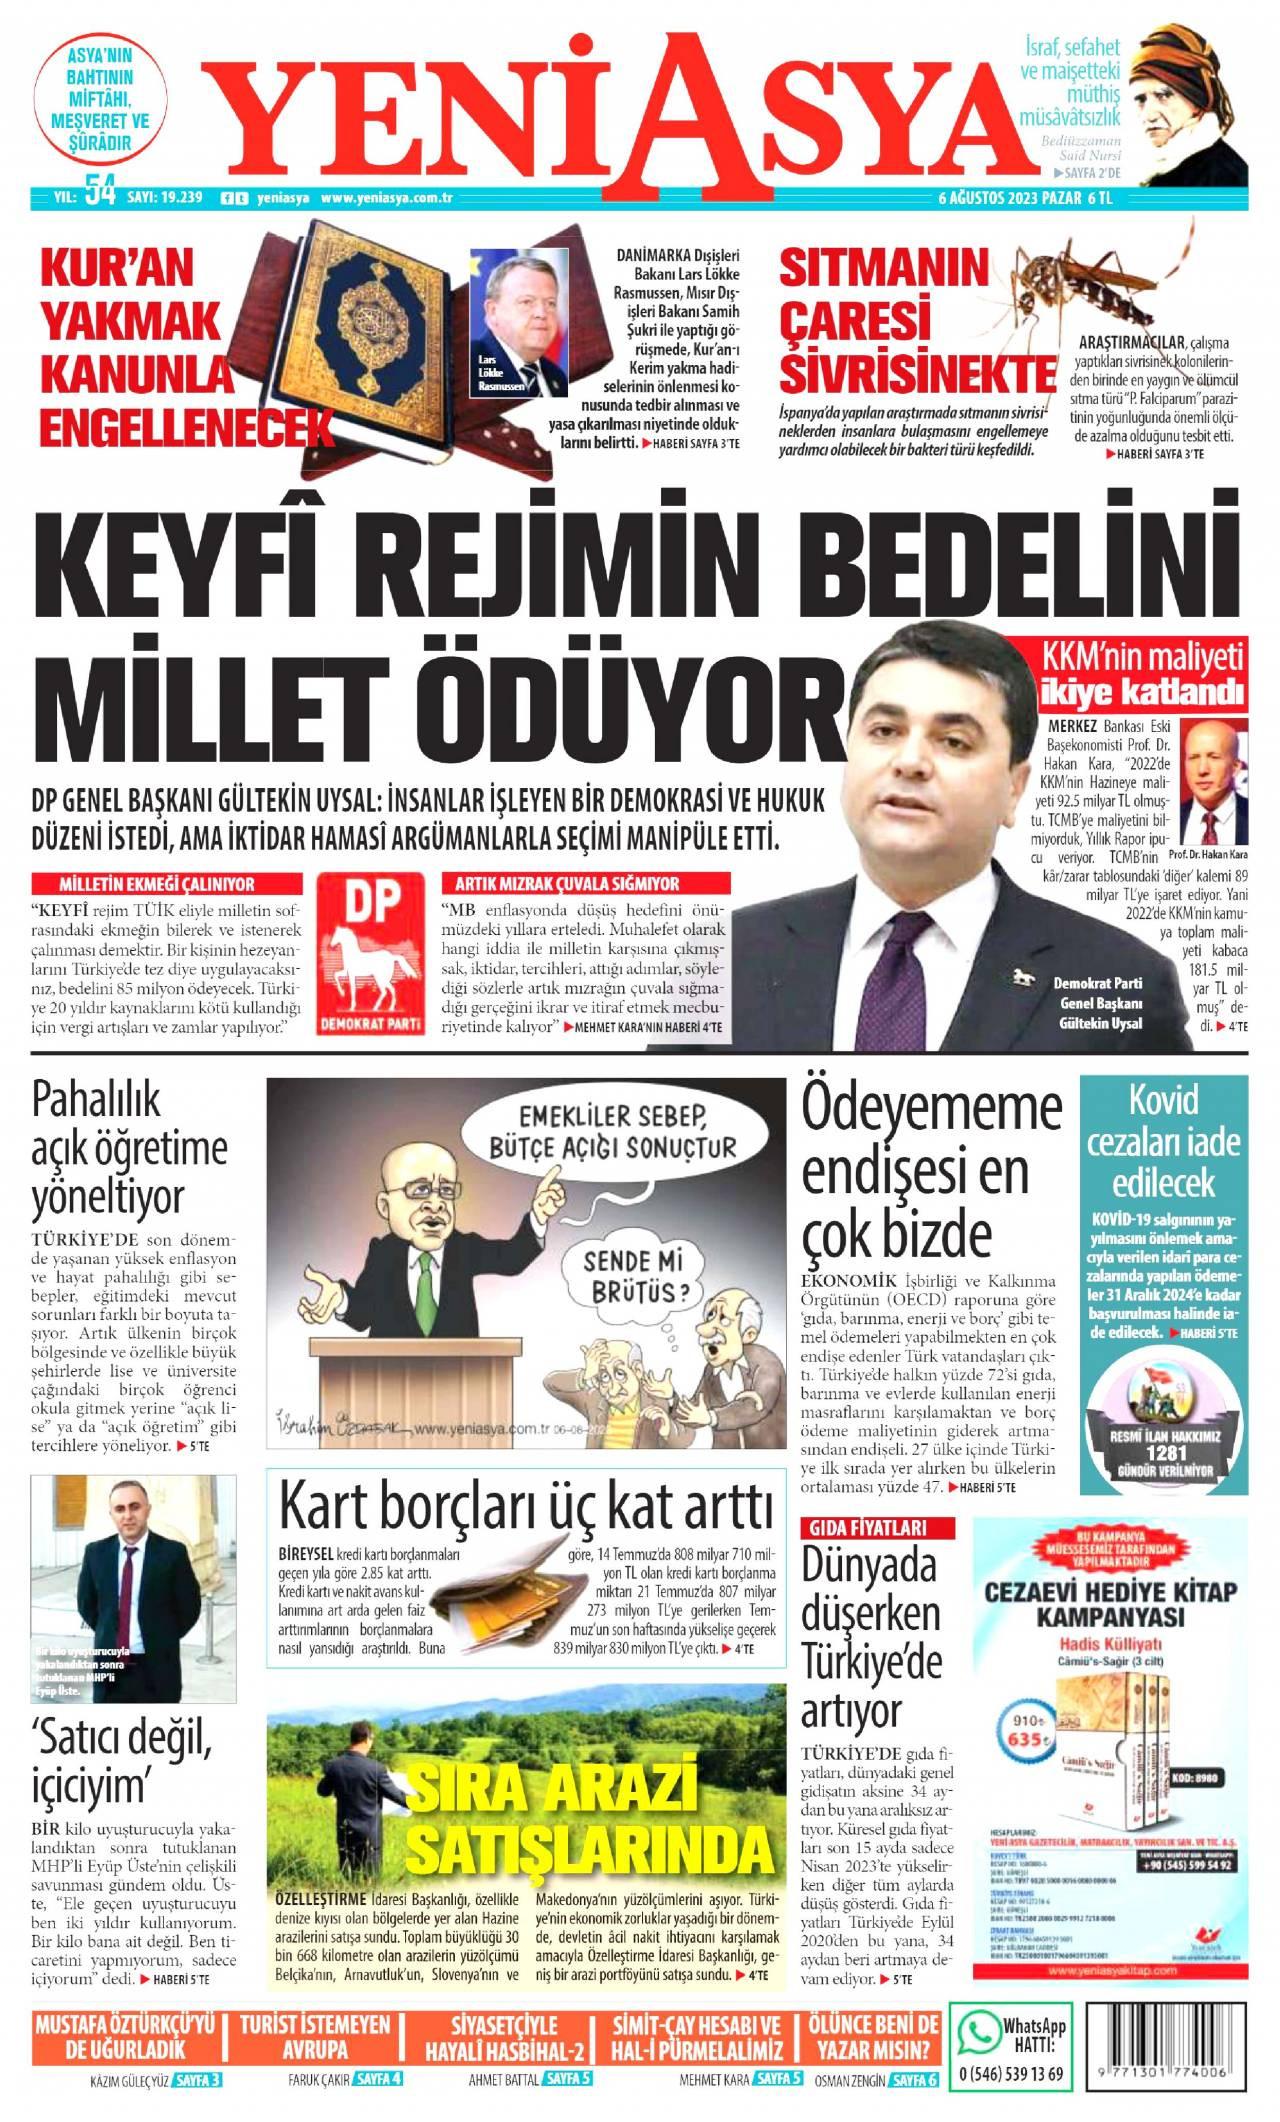 19 Eylül 2019, Perşembe yeniasya Gazetesi